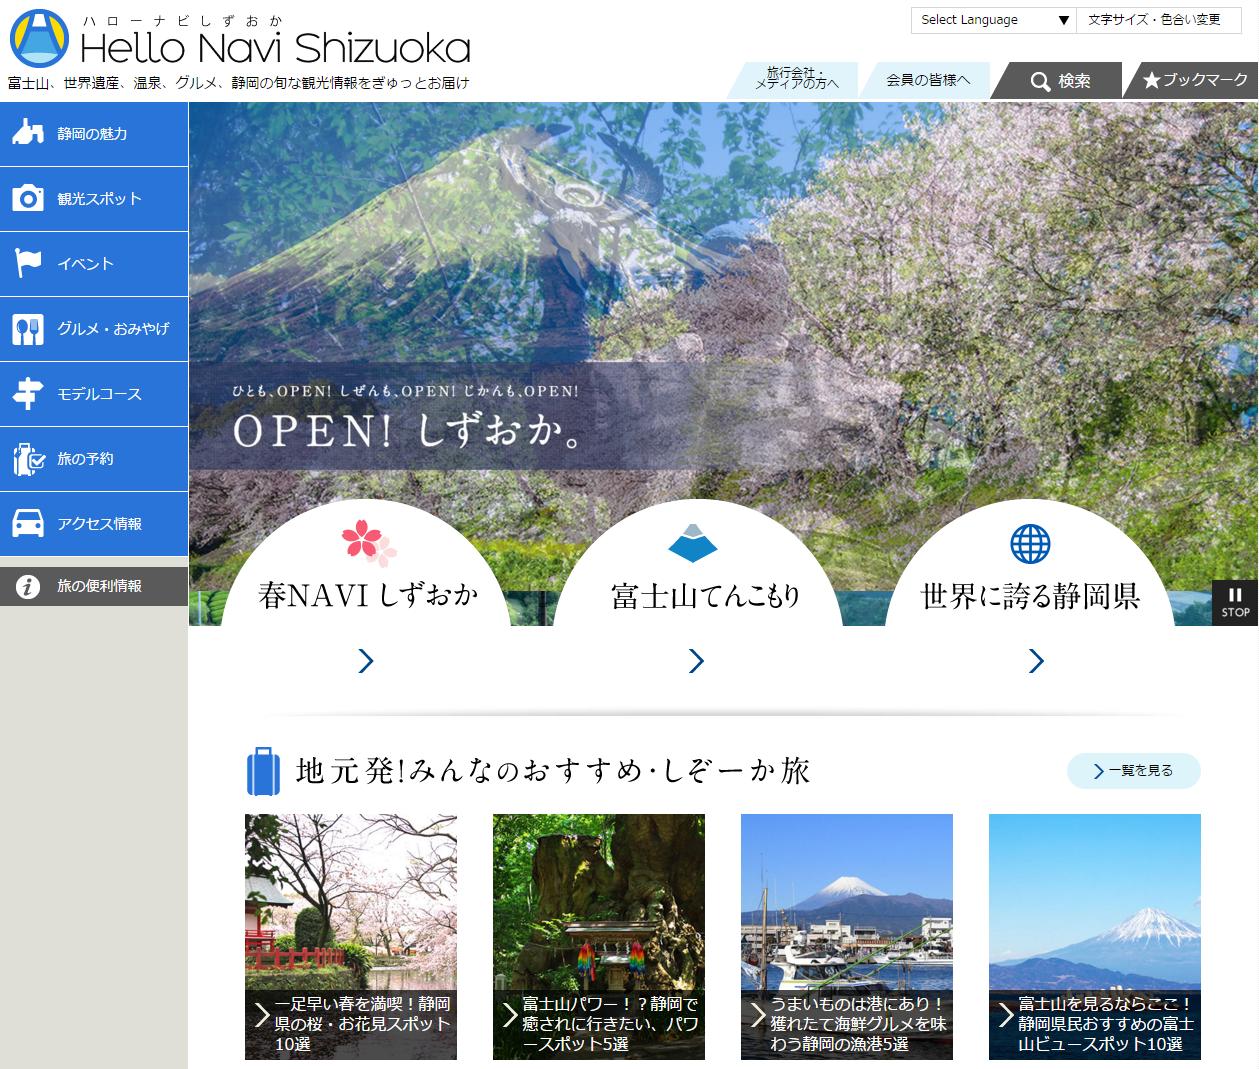 ハローナビしずおか 静岡県観光情報公式ホームページ